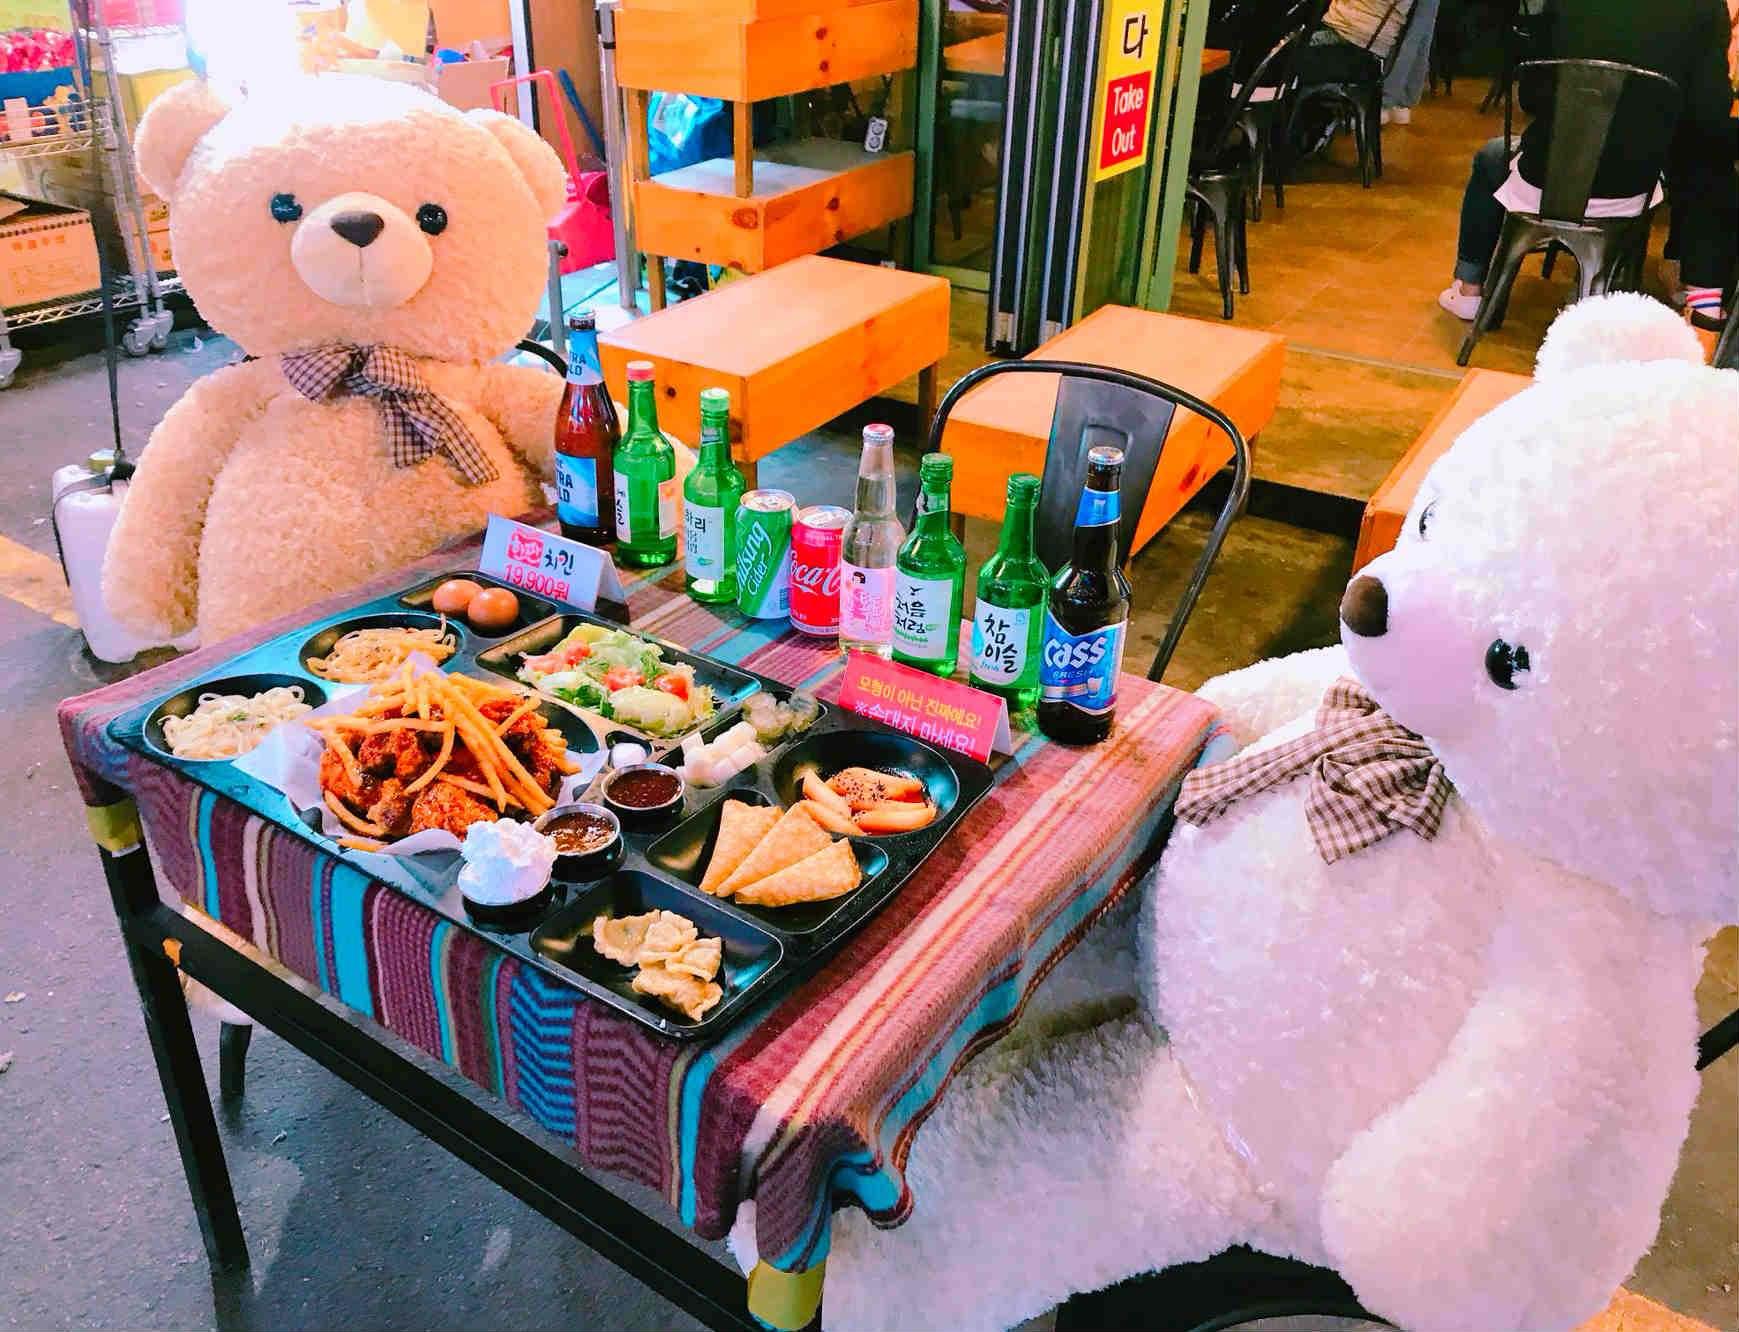 門口擺放著兩隻可愛的熊玩偶,桌上的美食,就是這間店的主打套餐唷!